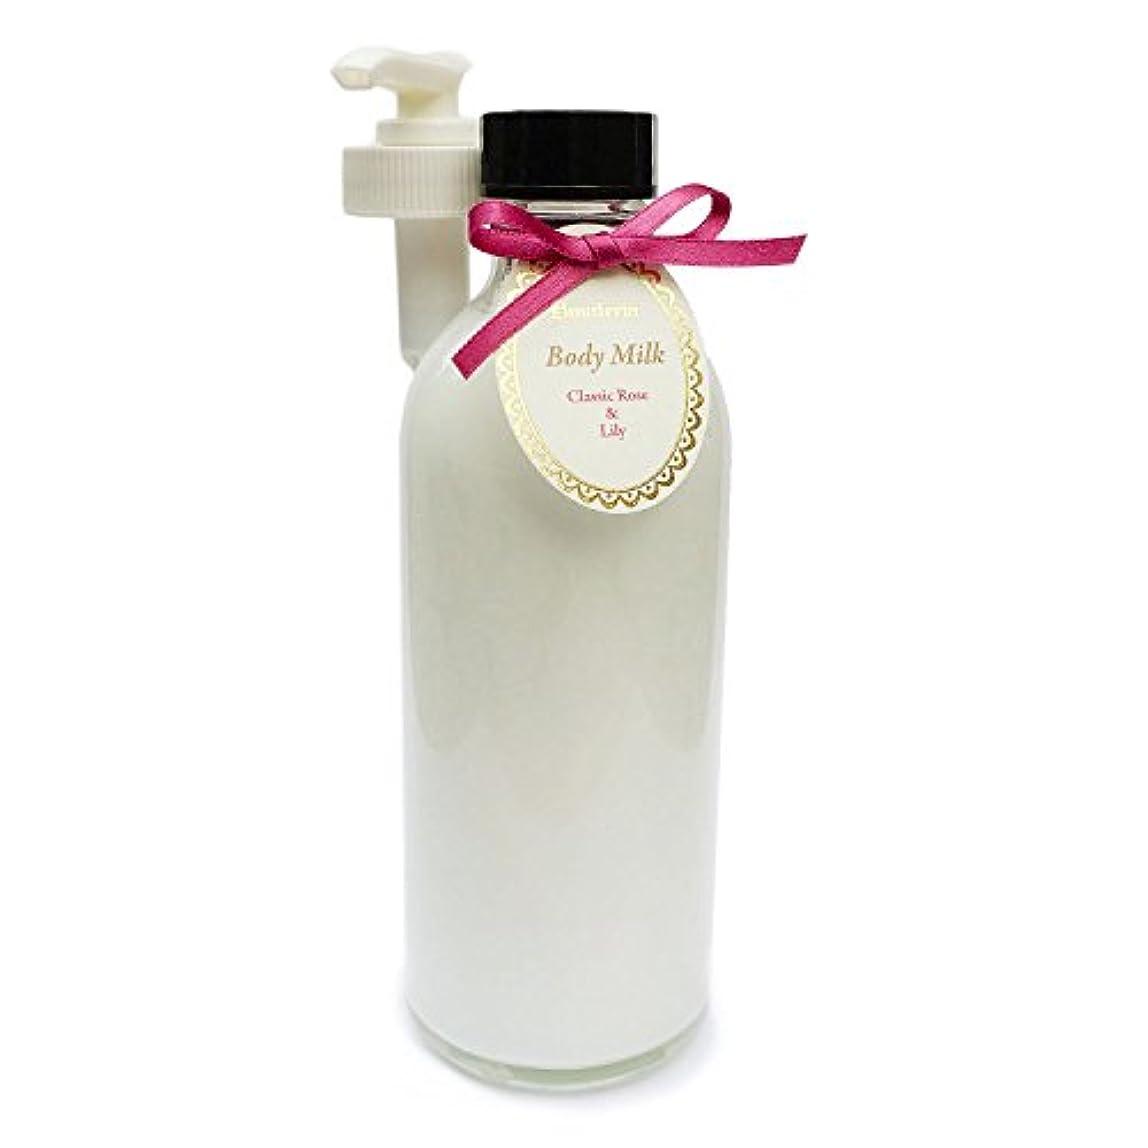 ランチ幸福意義D materia ボディミルク クラシックローズ&リリー Classic Rose&Lily Body Milk ディーマテリア